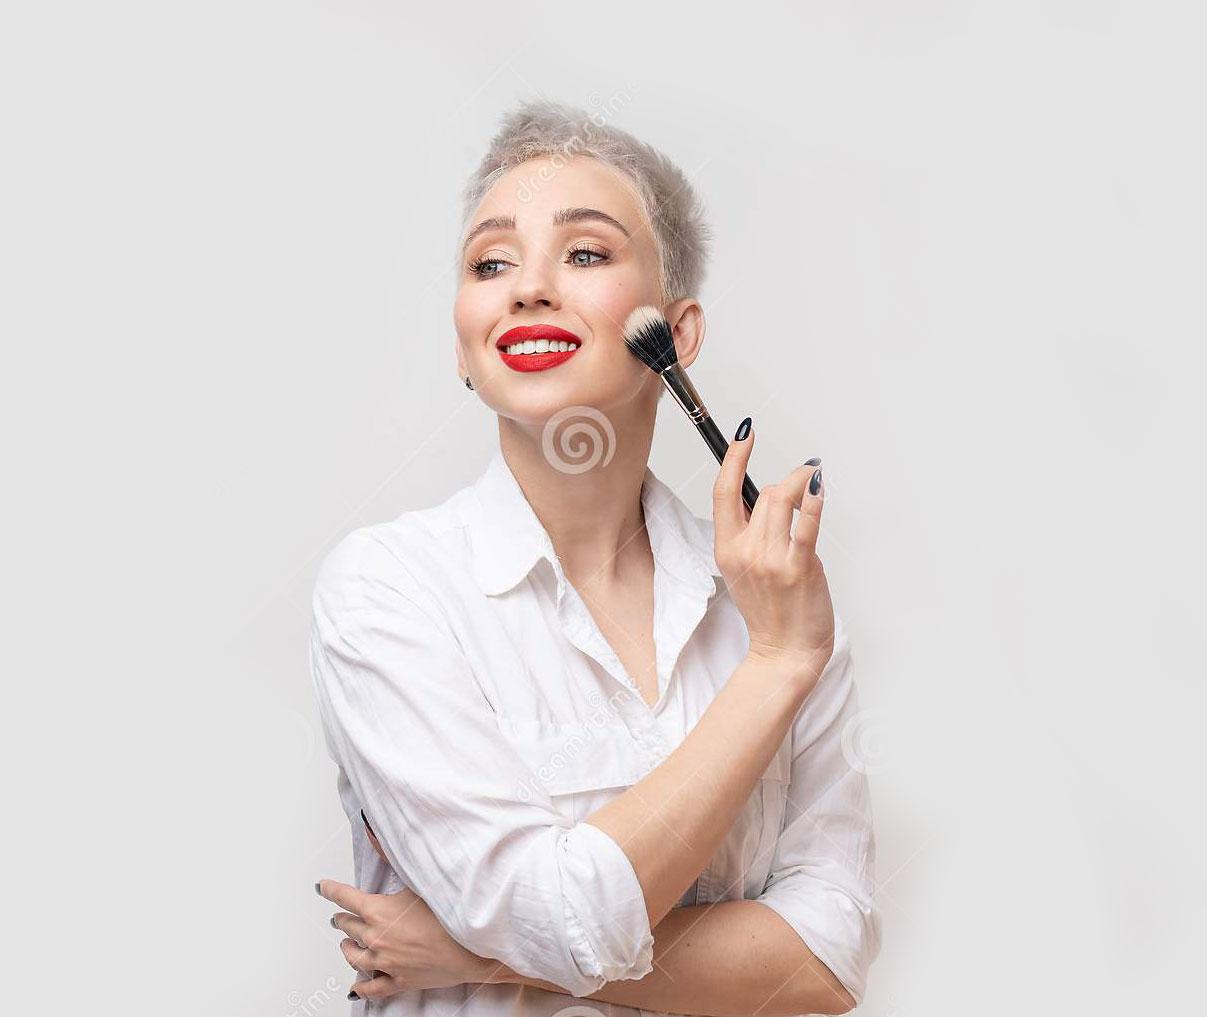 مراقبت پوست ، پاکسازی پوست ، میکاپ پوست ، آرایش پوست ، دوره خودآرایی